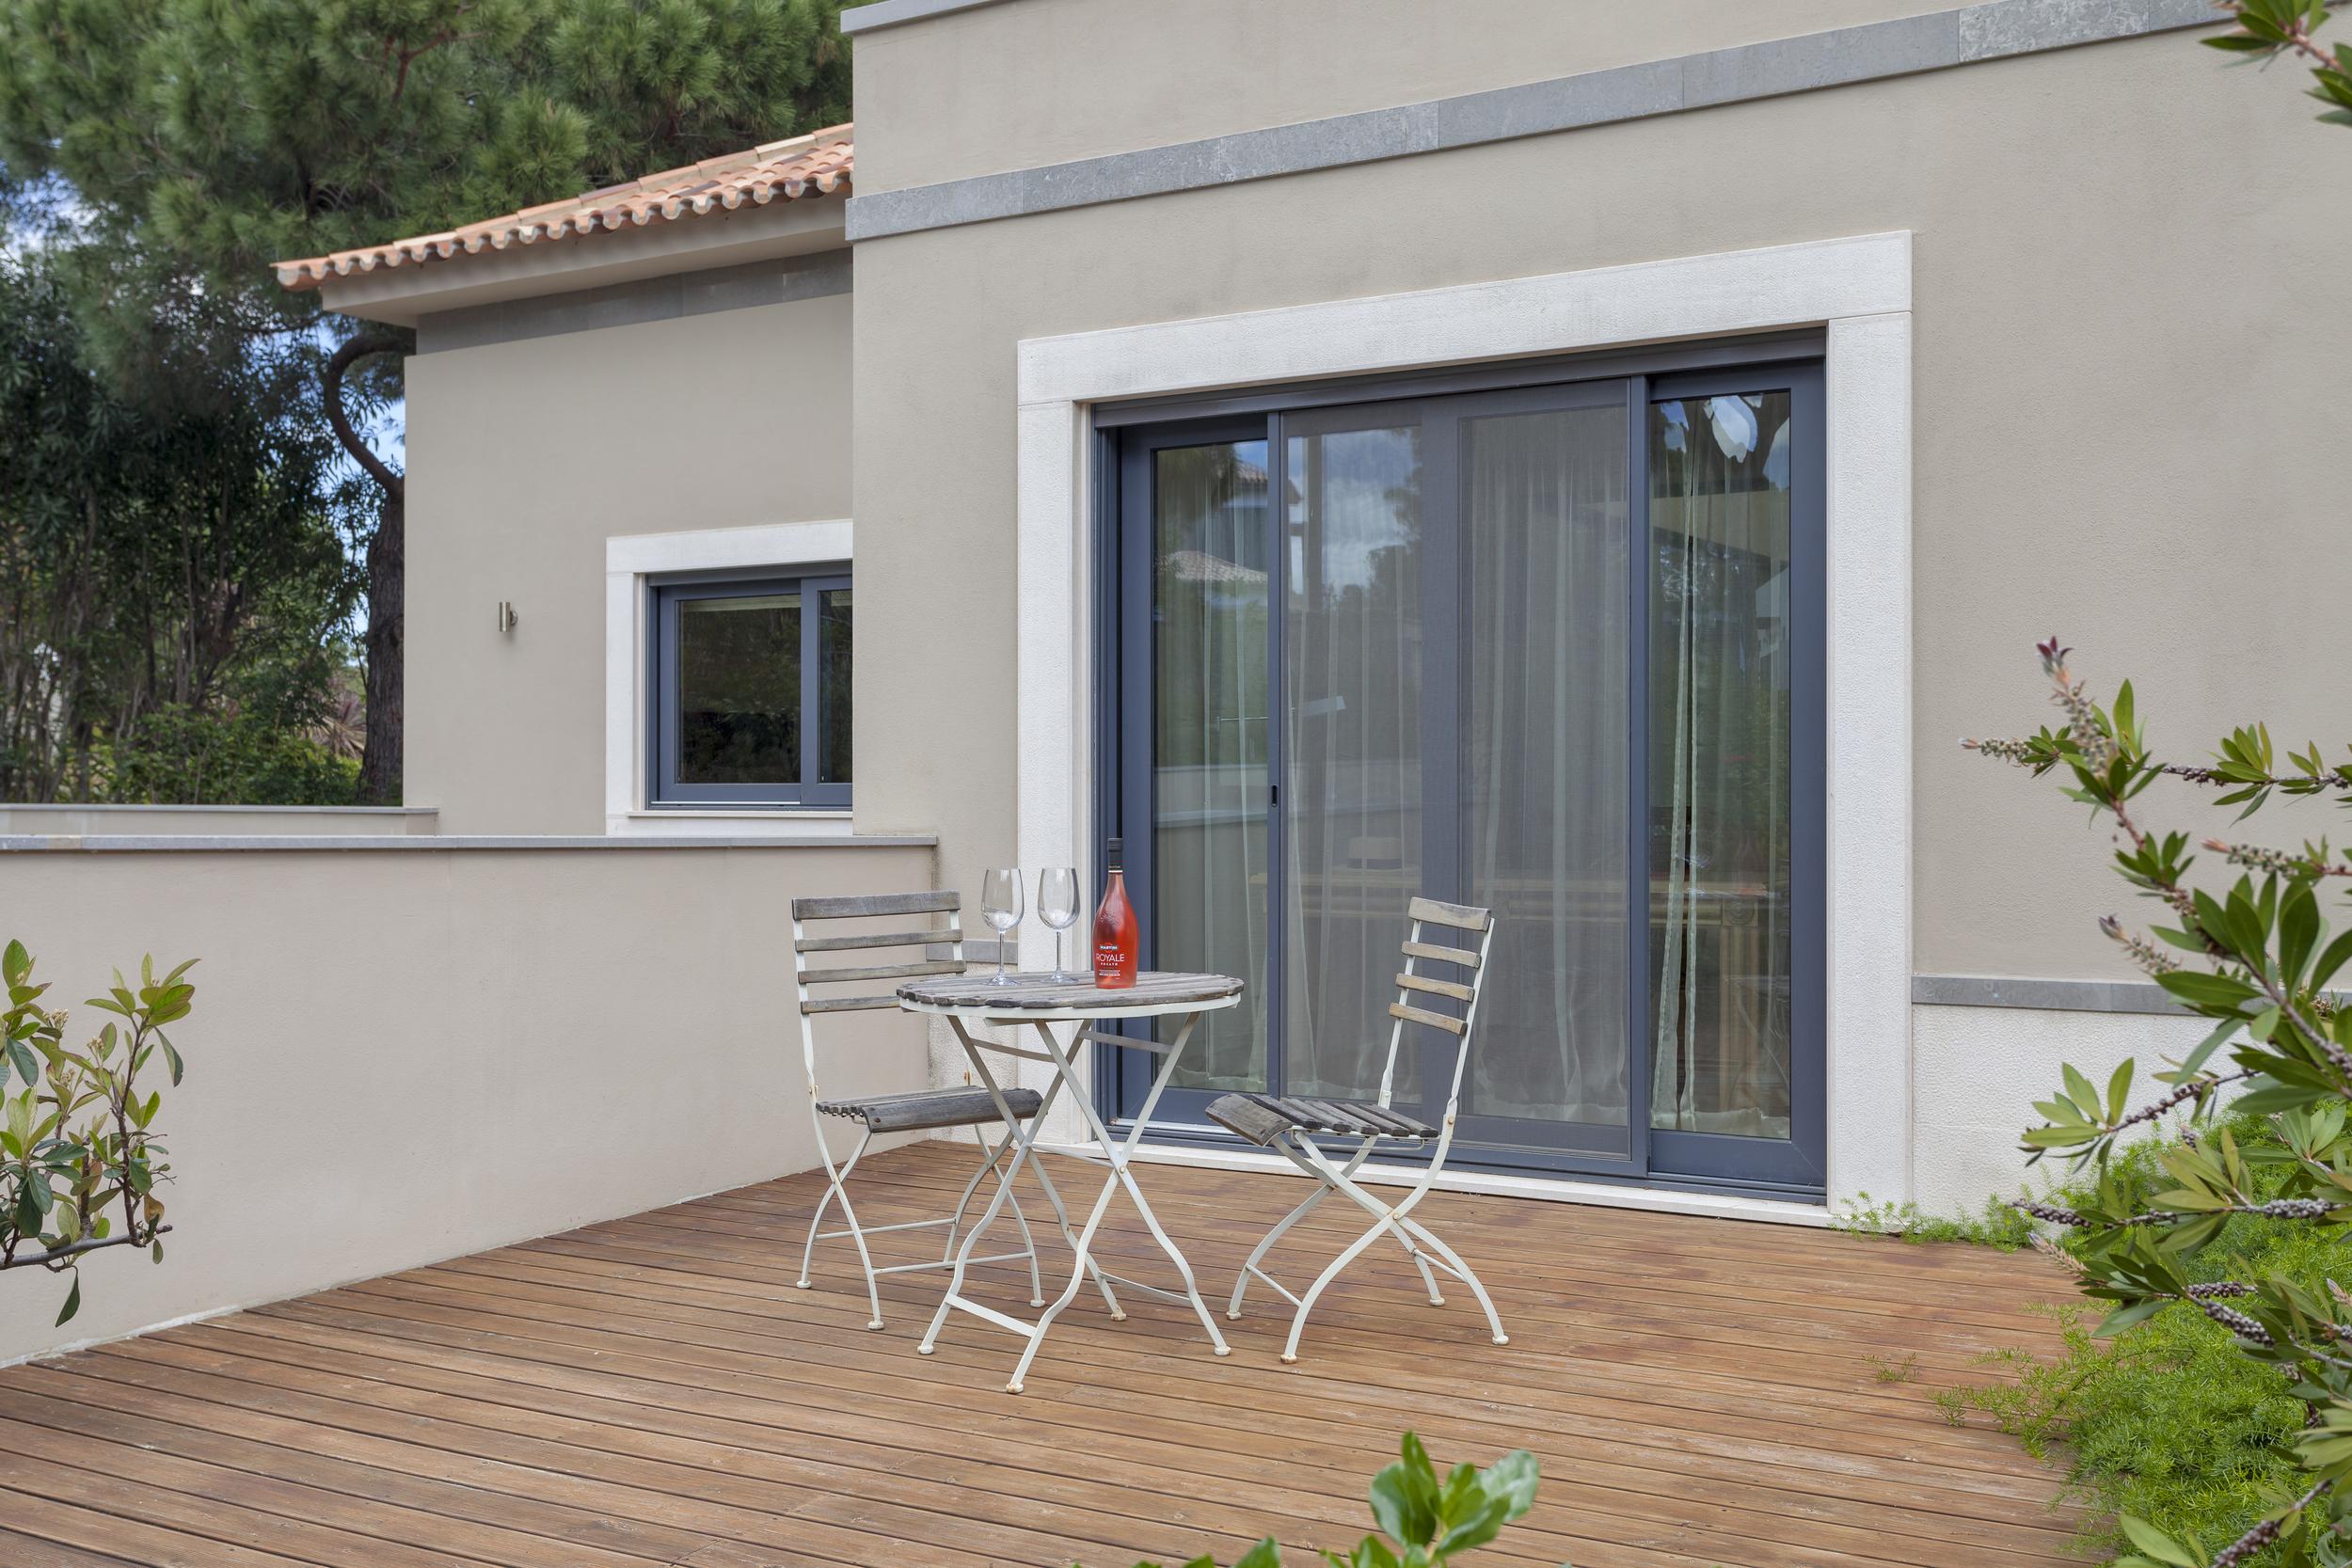 4 bedroom villa to rent in Quinta do Lago, RLV, Villa Serpentine,29.jpg